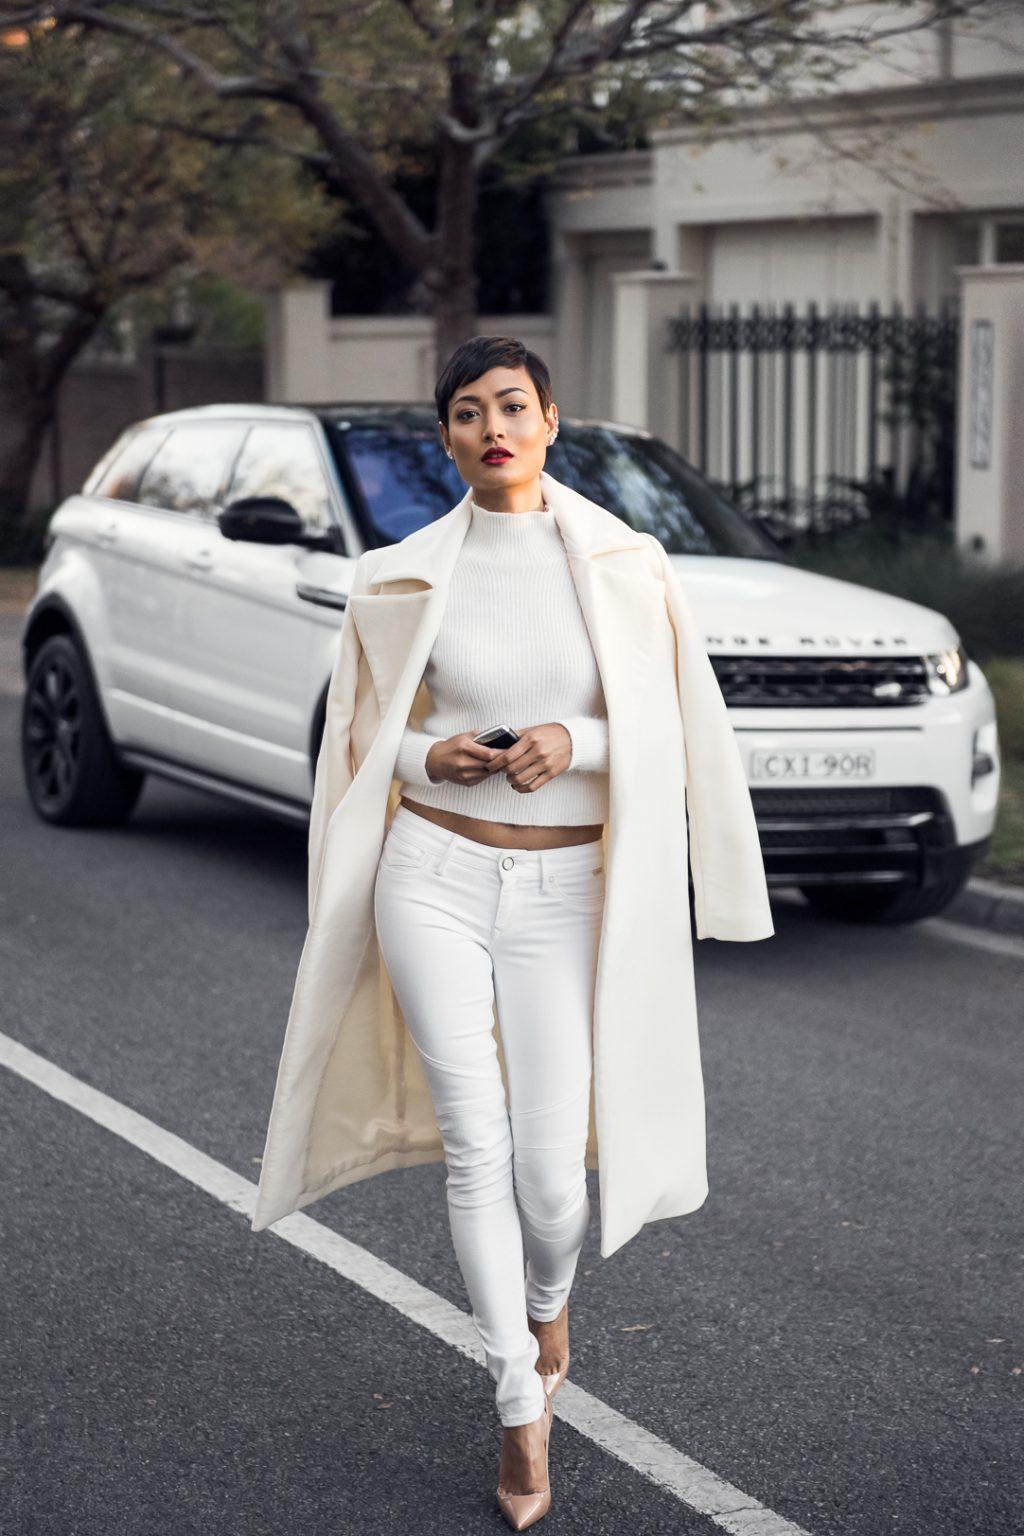 phối trang phục đẹp công thức white on white 8